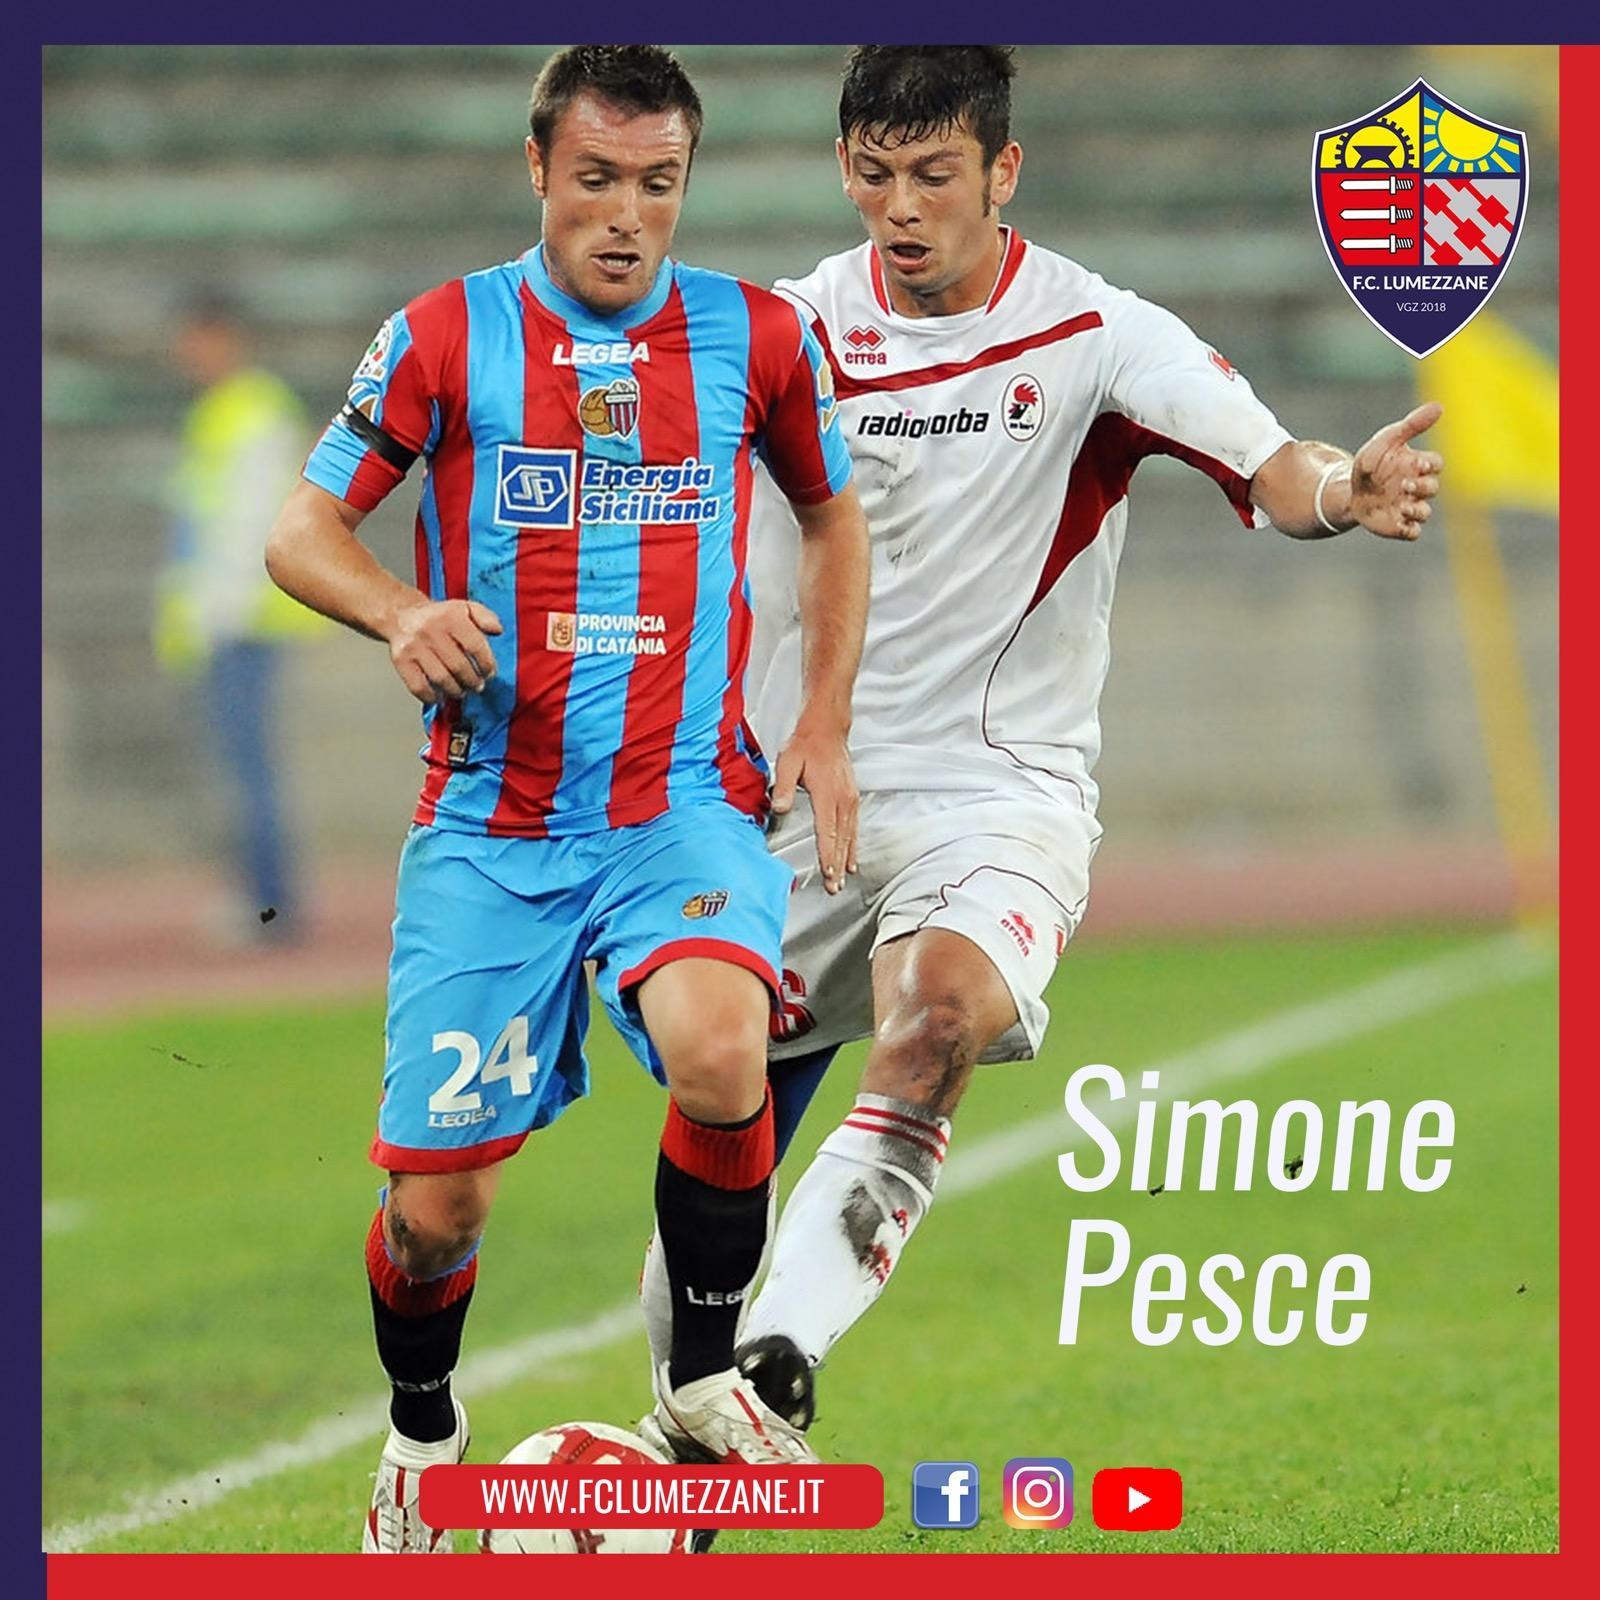 Ufficiale: Simone Pesce è Un Nuovo Giocatore Del Lumezzane